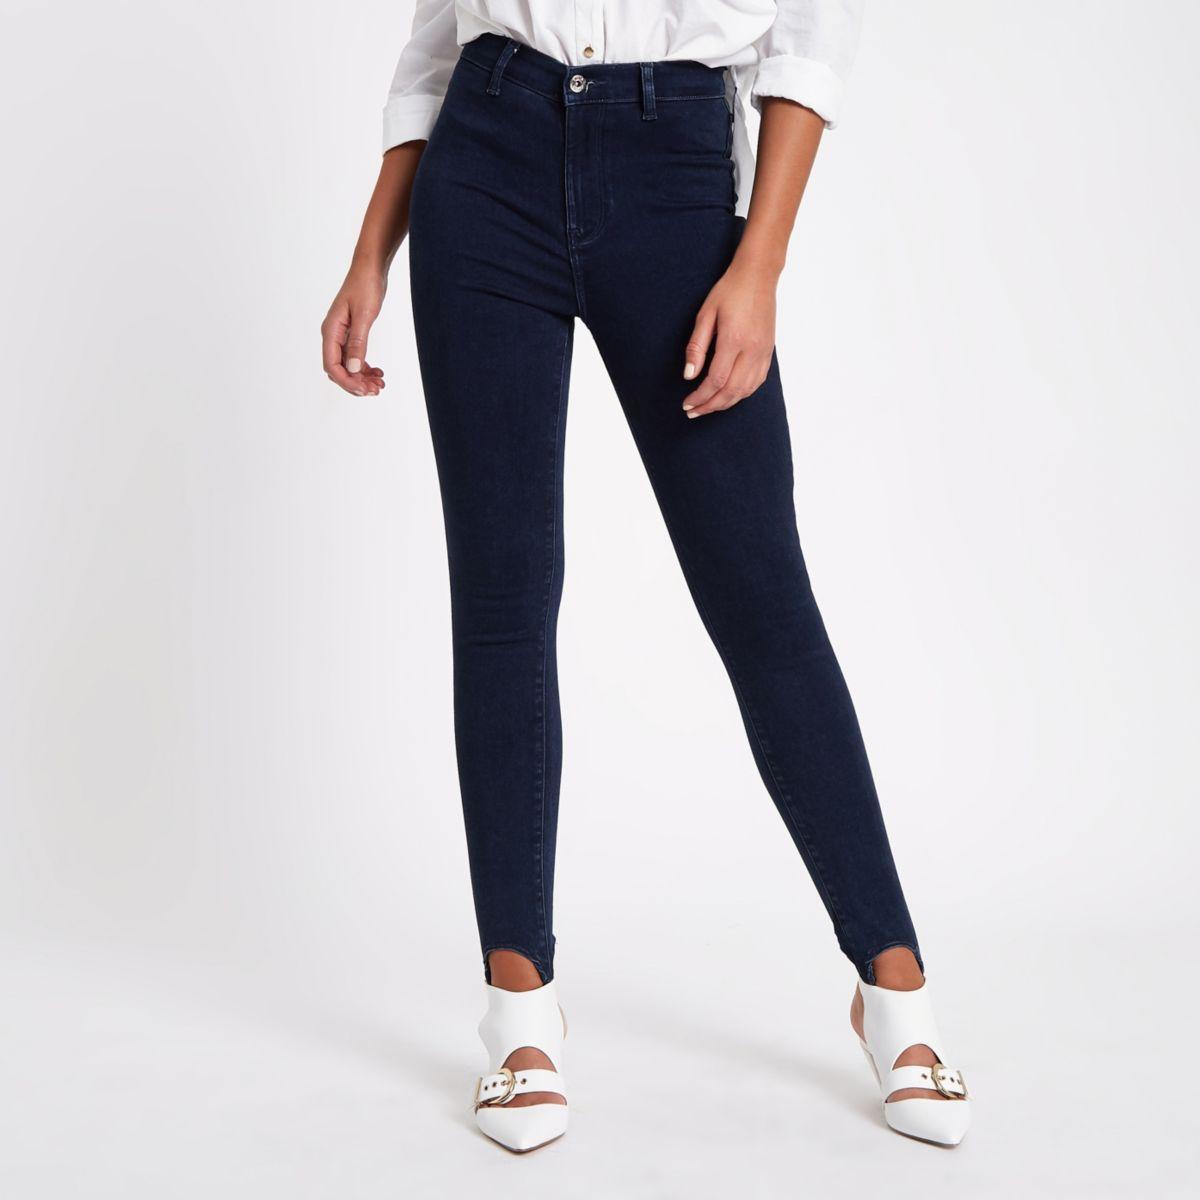 Harper - Donkere denim jeans met bandjes onder de voet